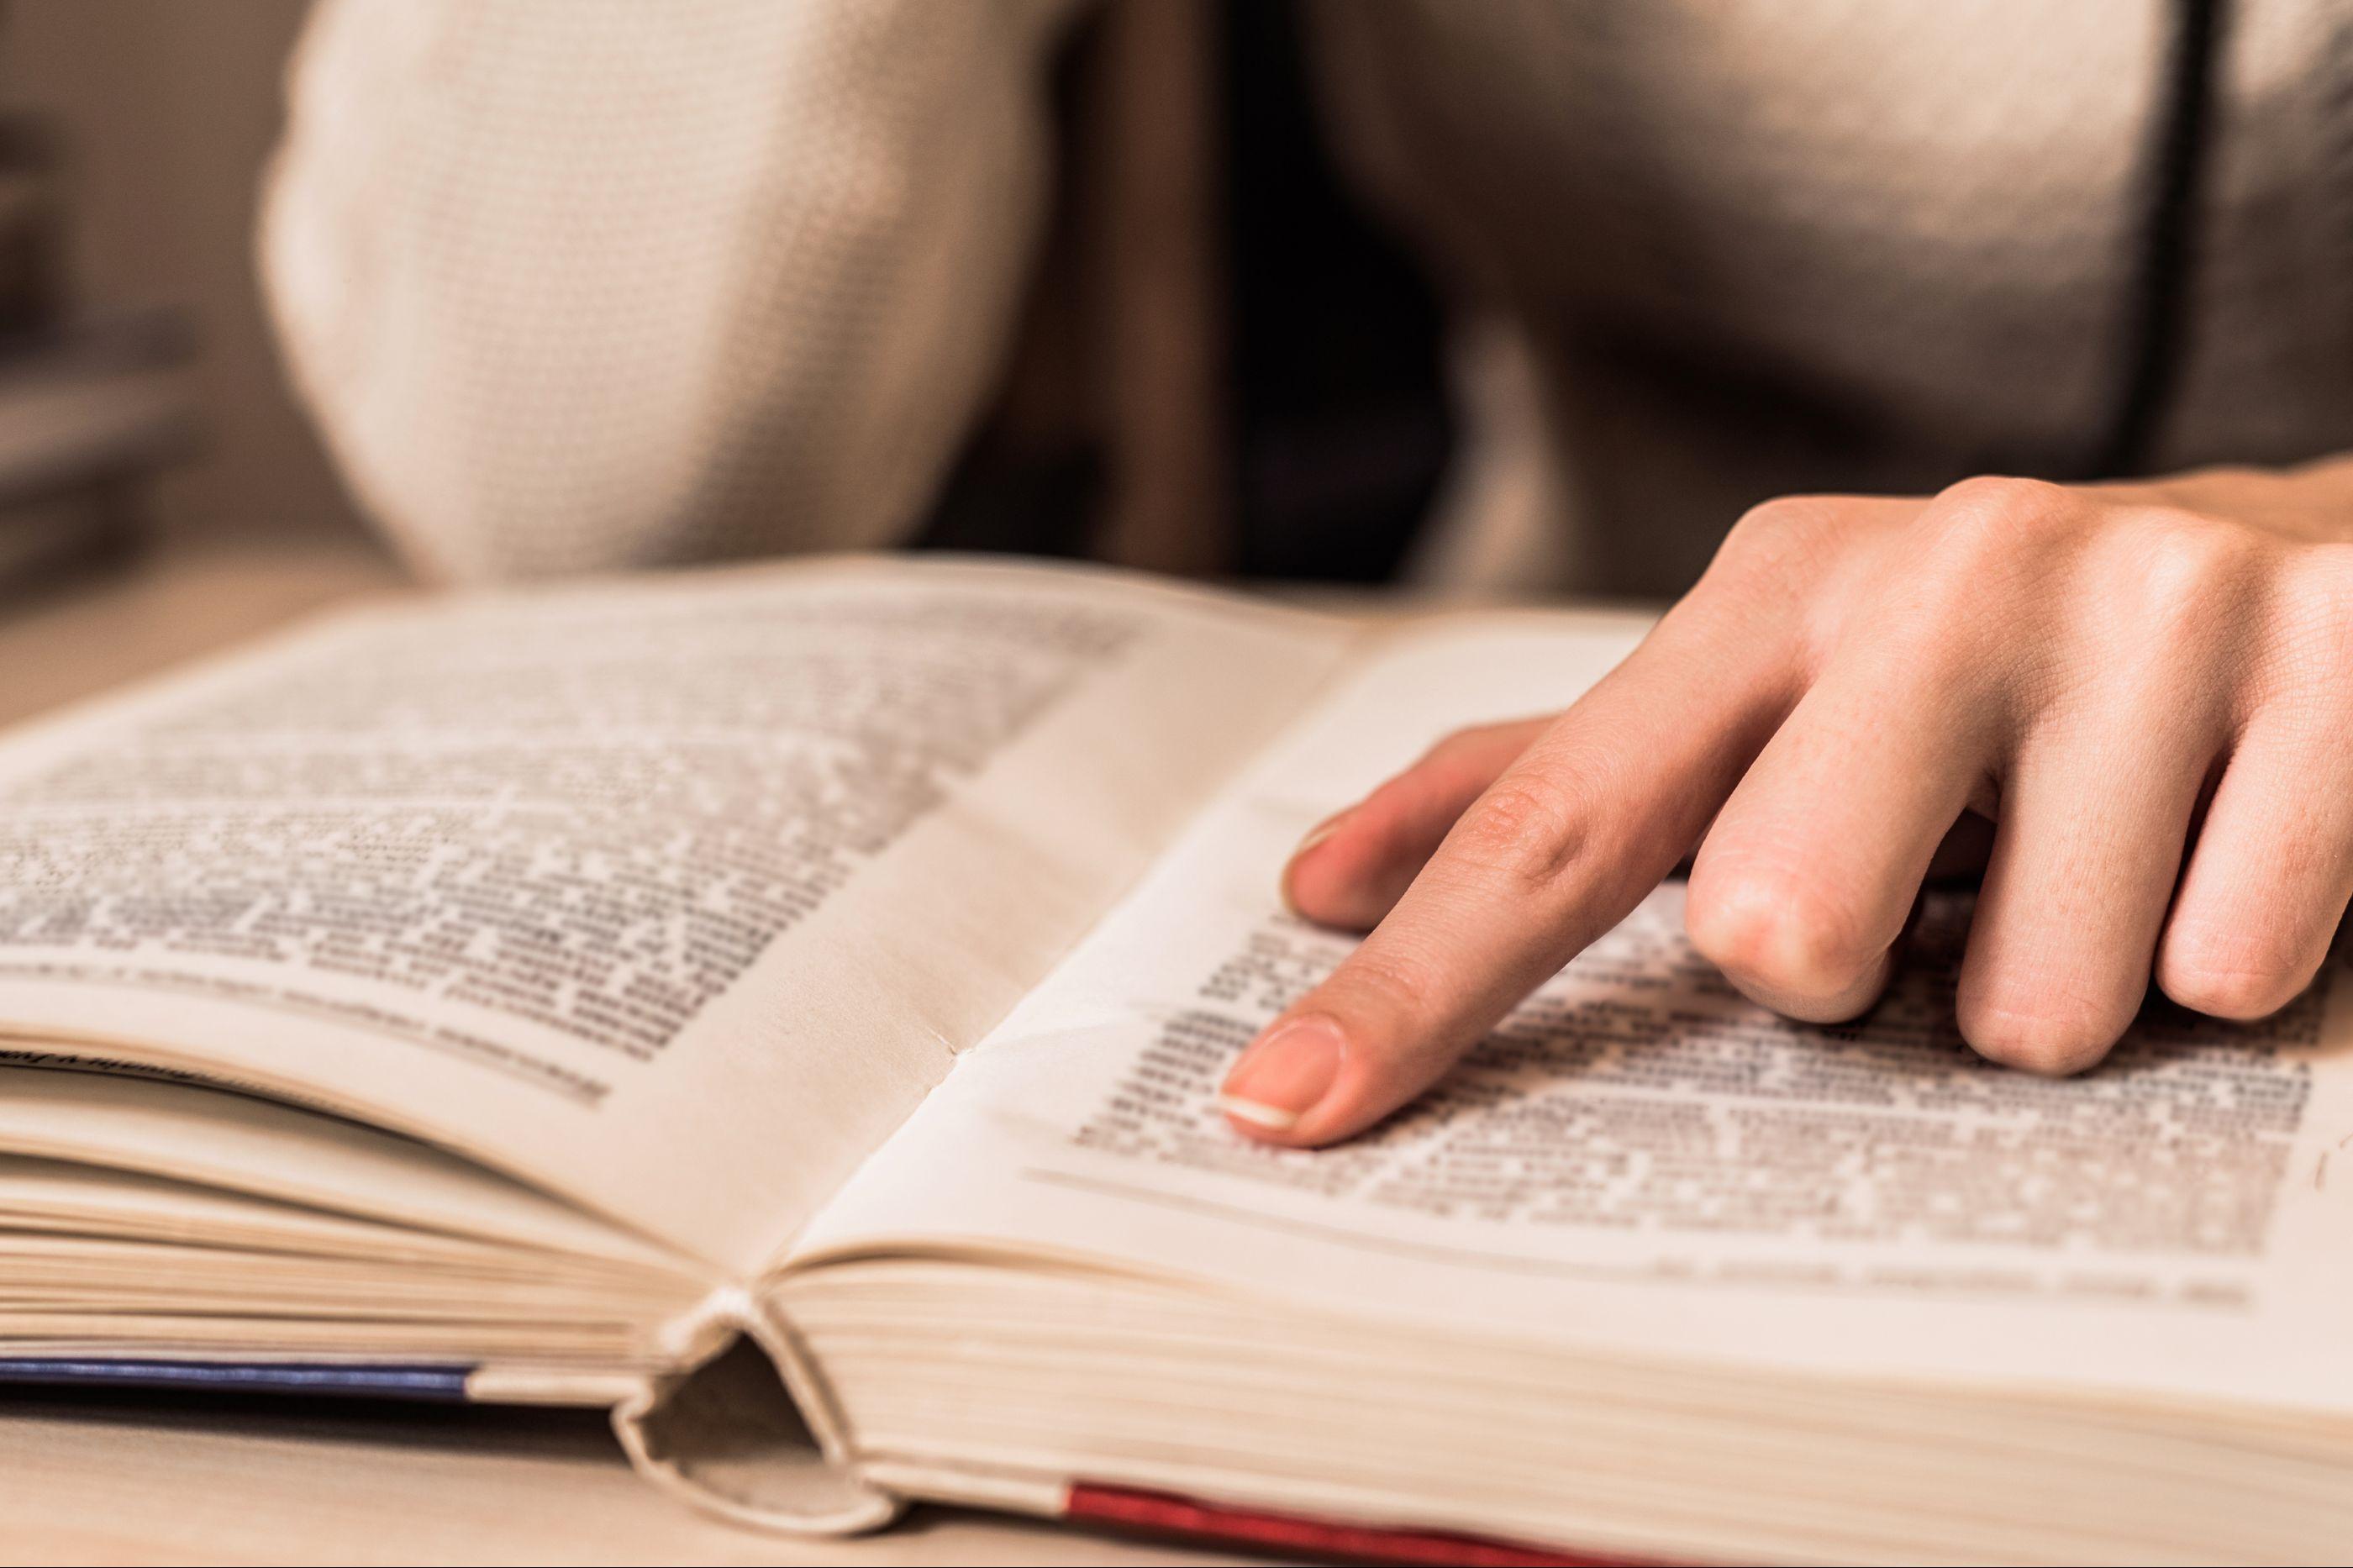 Sans Forgetica: Conheça nova fonte de letra que promete aumentar memória